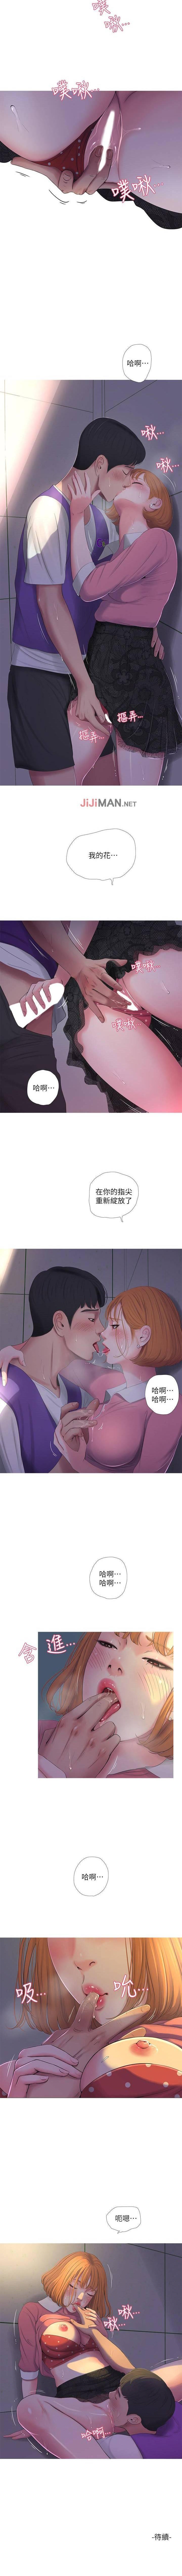 【周四连载】亲家四姐妹(作者:愛摸) 第1~31话 42